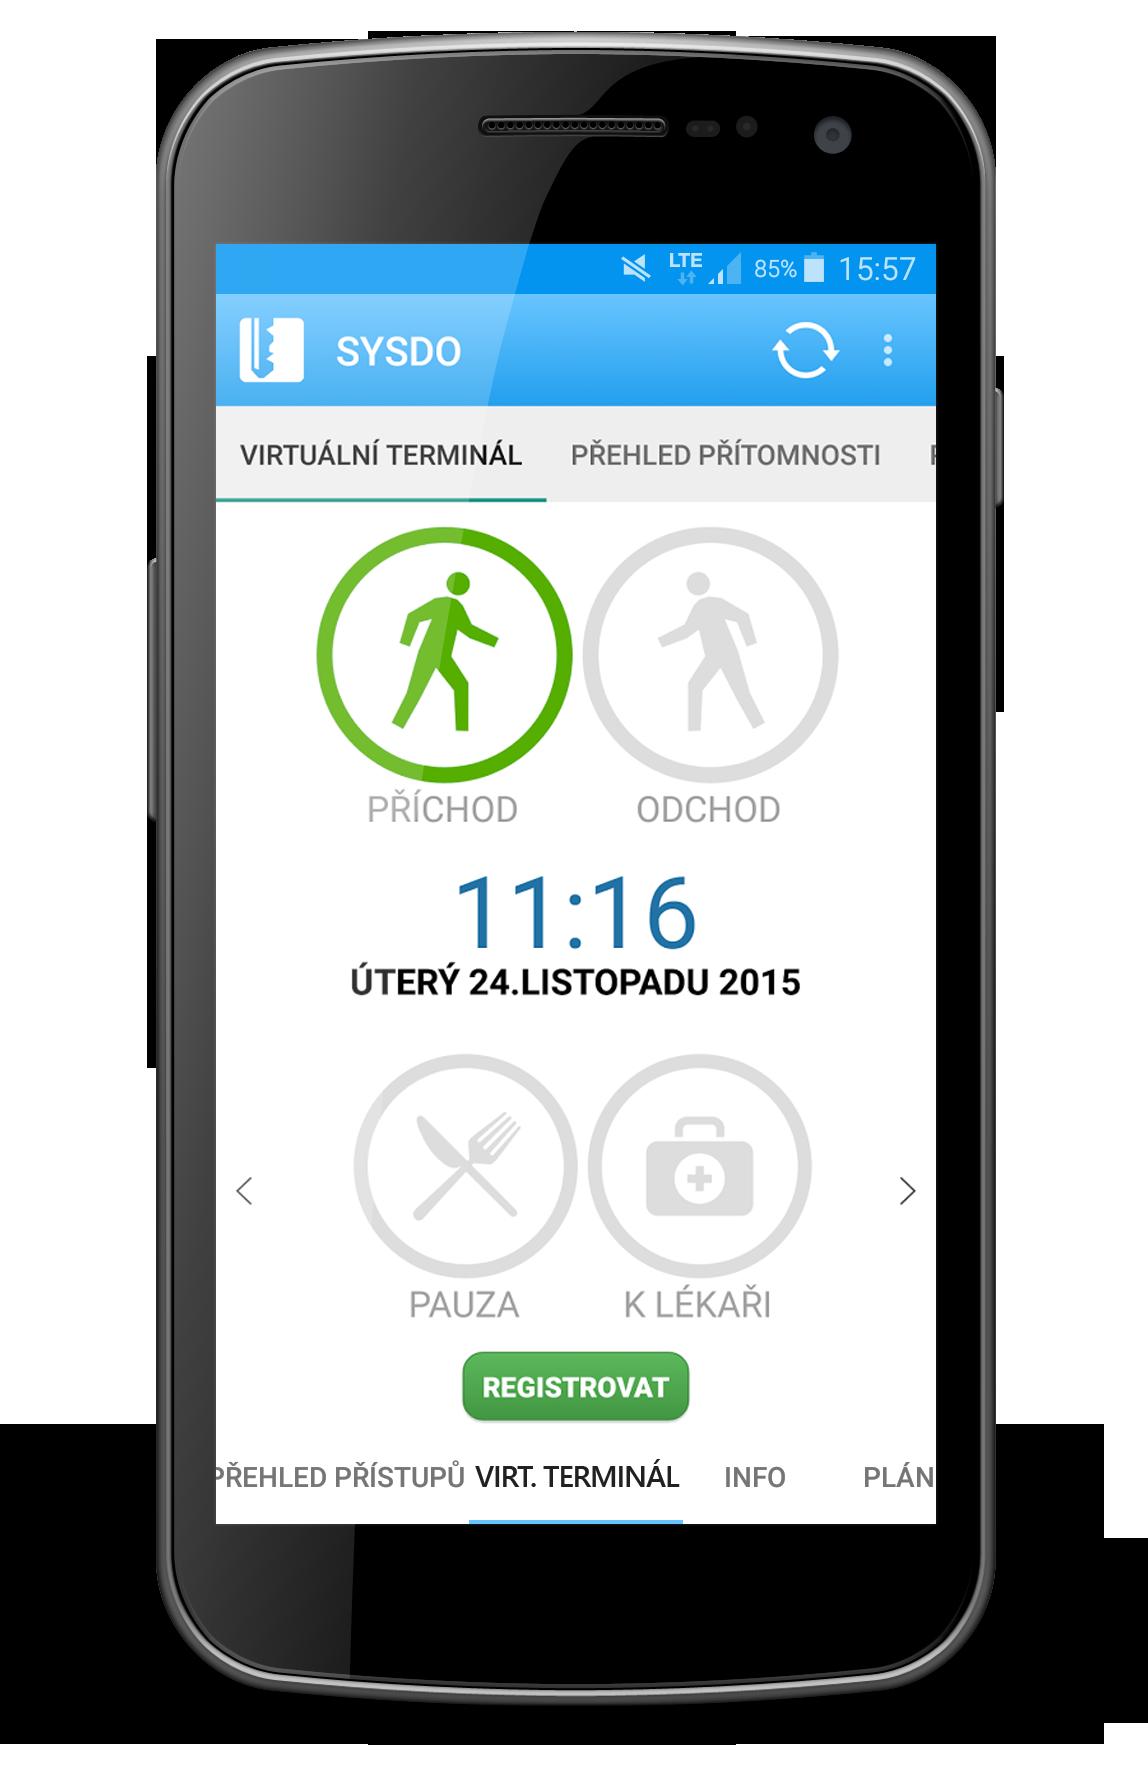 Náhled mobilní aplikace - virtuální terminál